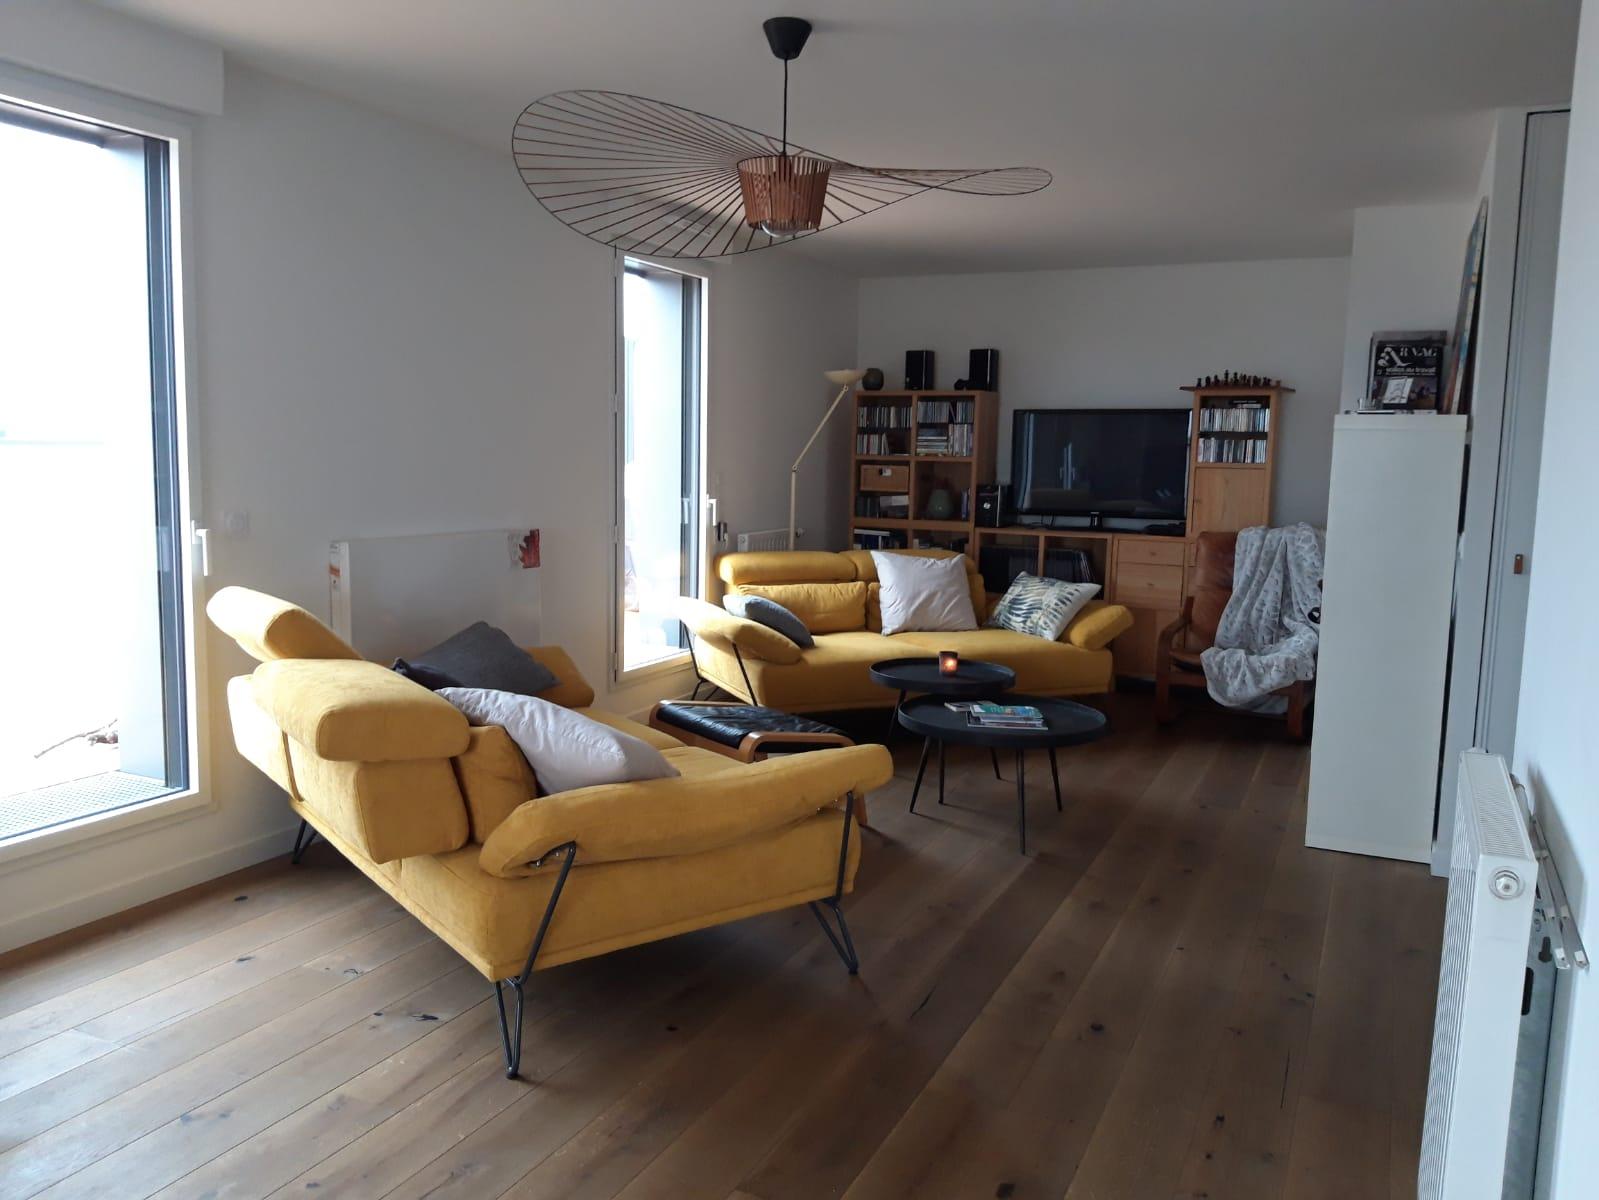 Appartement en bord de mer - Vannes (56)